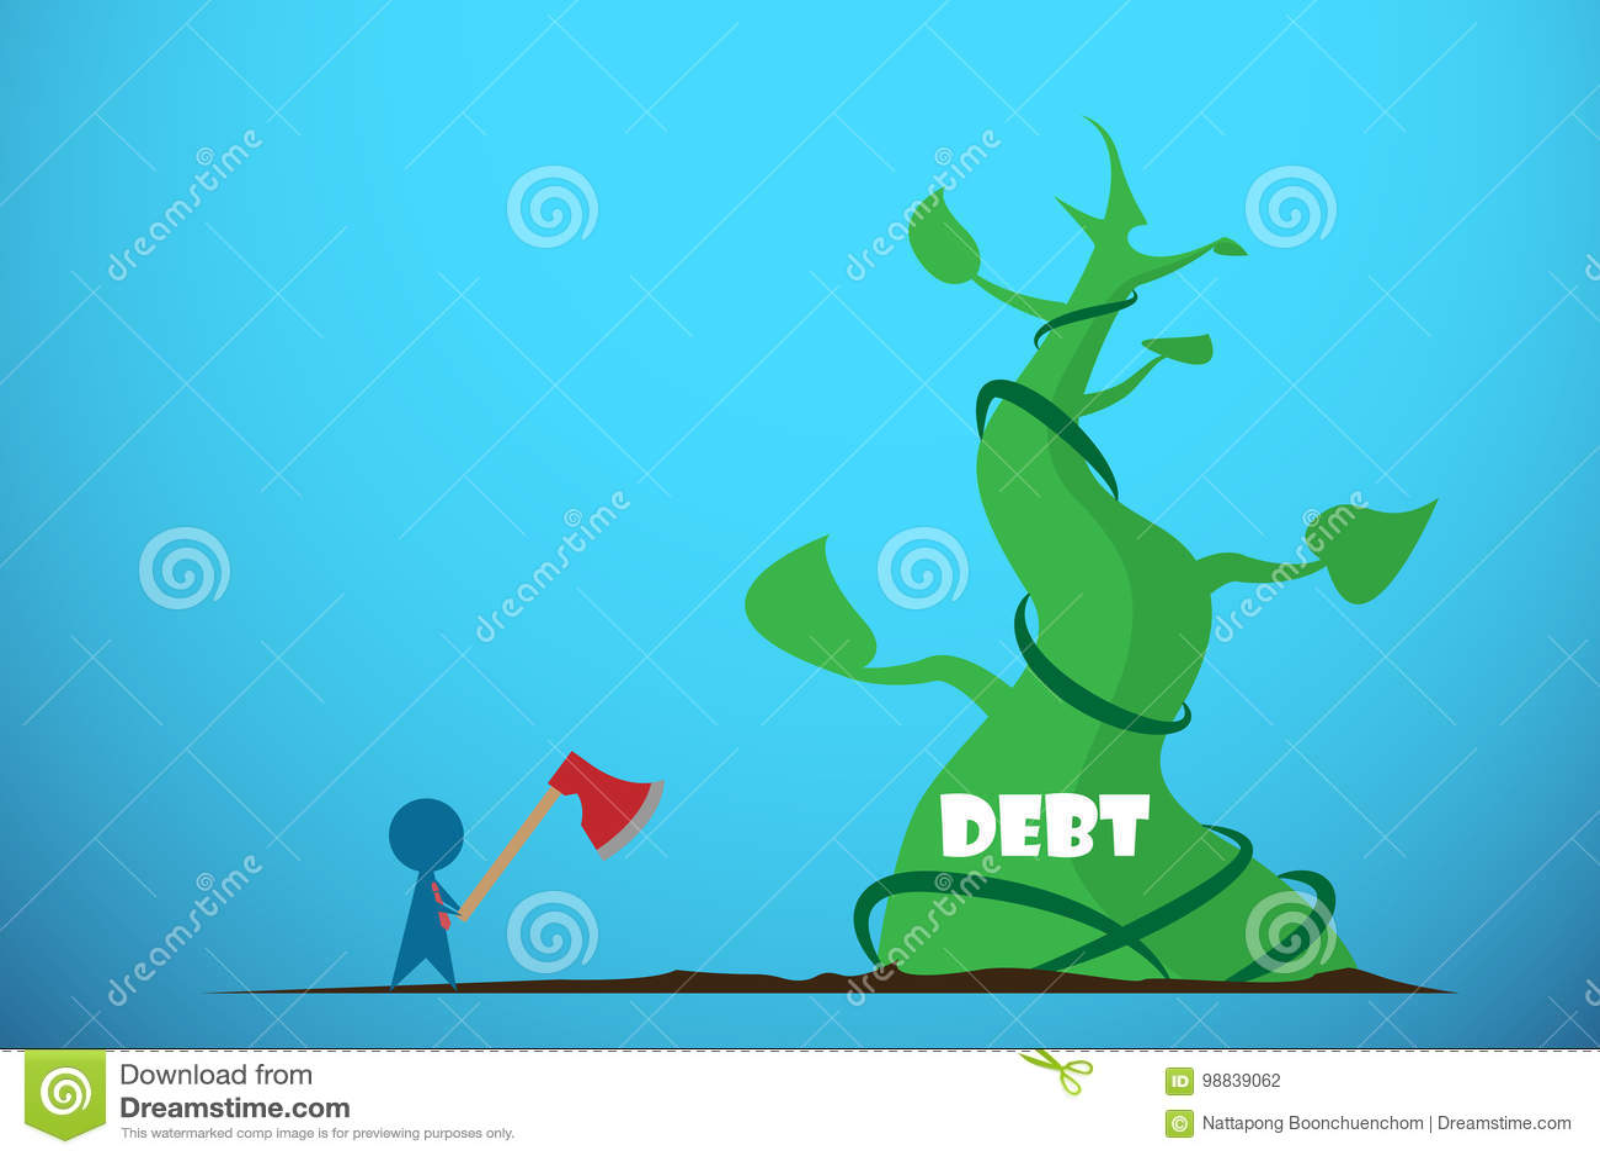 Τσεκούρι εκμετάλλευσης επιχειρηματιών για να κόψει το γίγαντα beanstalk, την έννοια χρέους και επιχειρήσεων